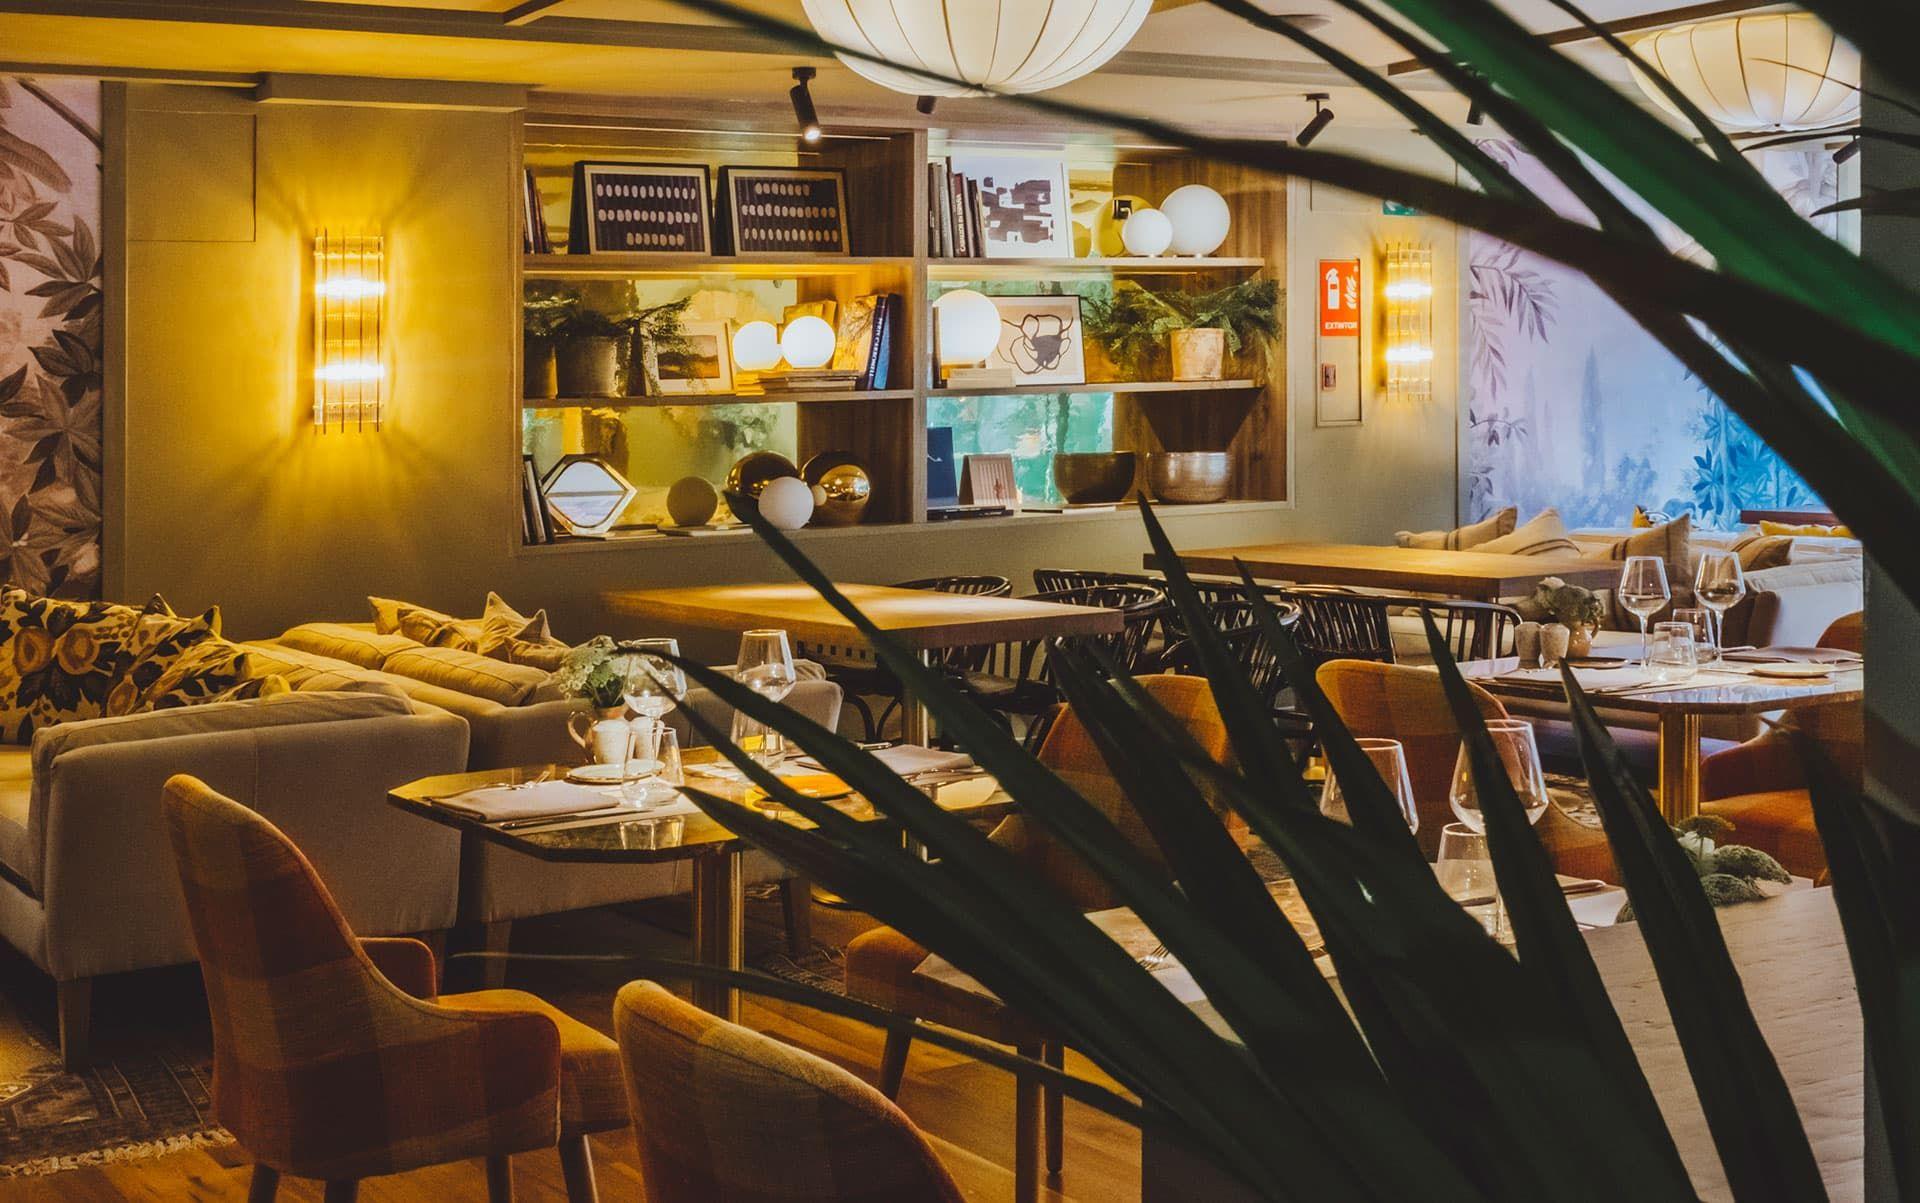 Detalle Restaurante - La Palmera del Indiano